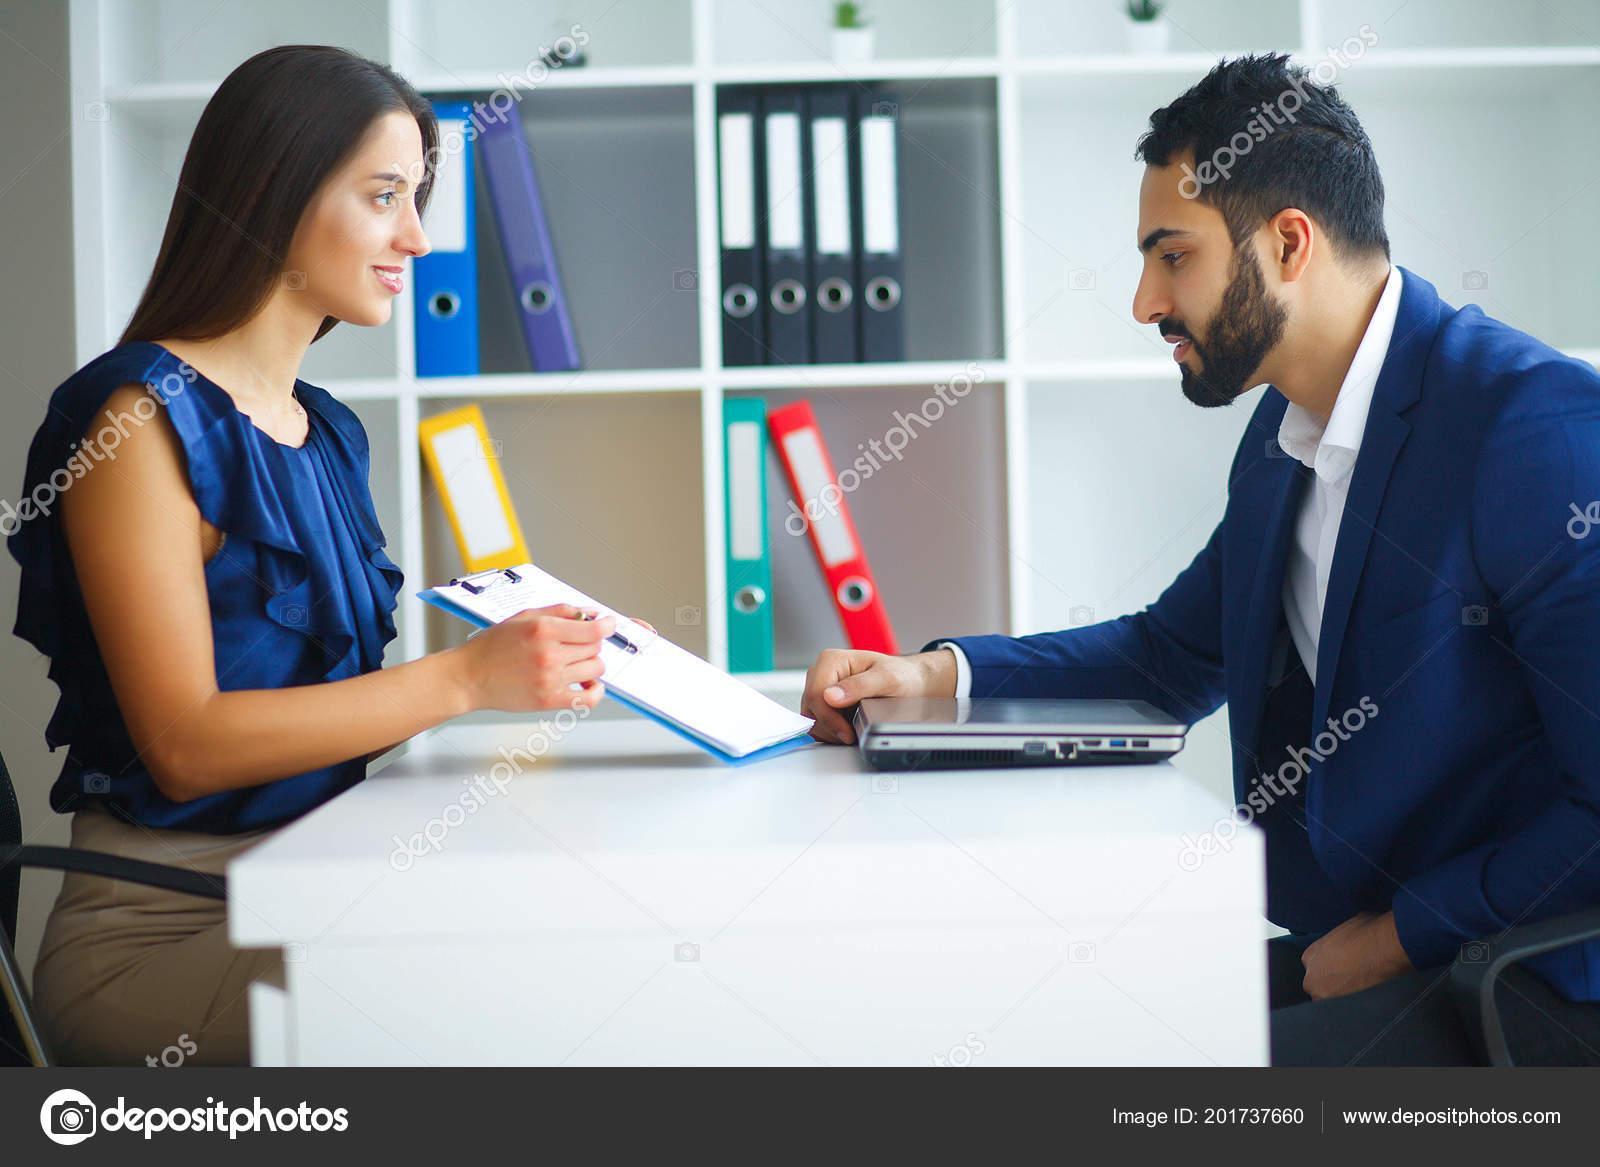 df0b3938af72 Бизнес. Управление бизнес-леди и деловой человек ведет переговоры в отделе  света, сидя за столом. Женщина, одетая в синяя блуза и юбка бежевого.